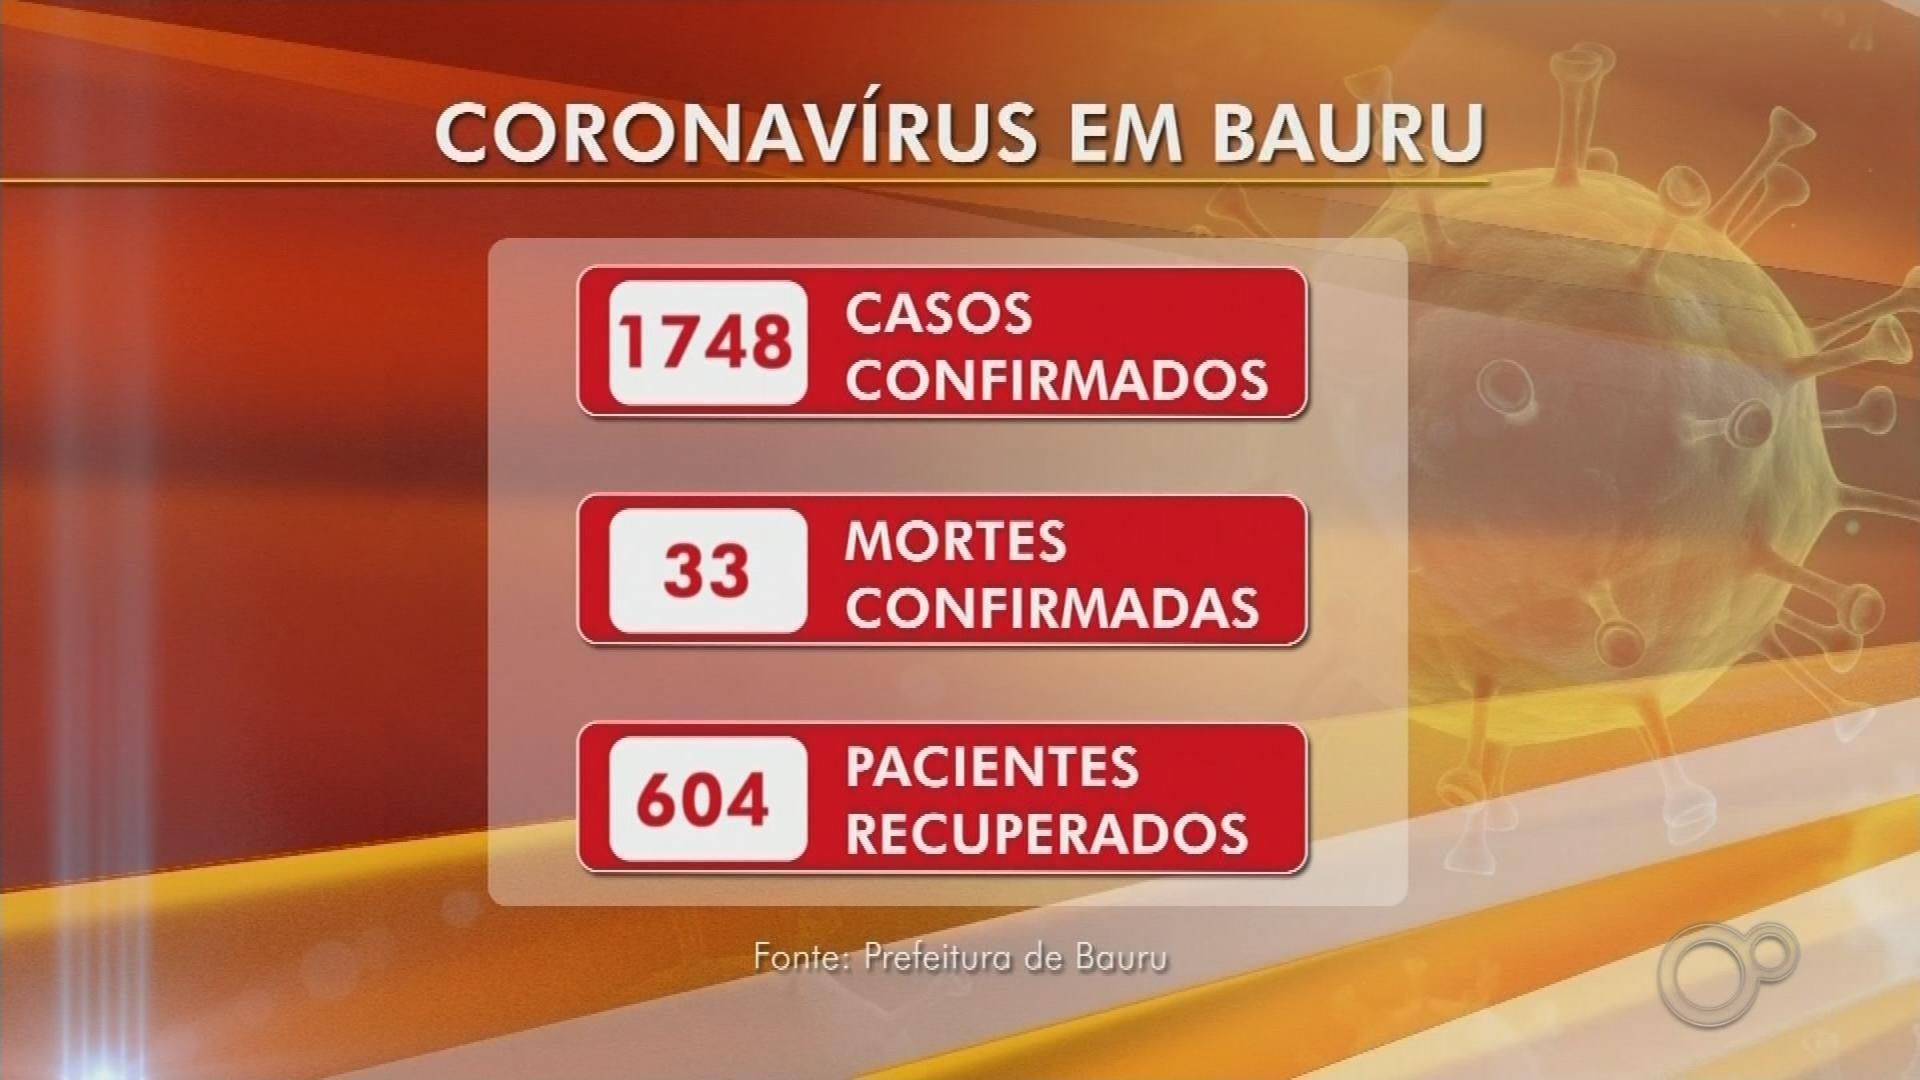 VÍDEOS: Bom Dia Cidade Bauru e Marília desta sexta-feira, 3 de julho